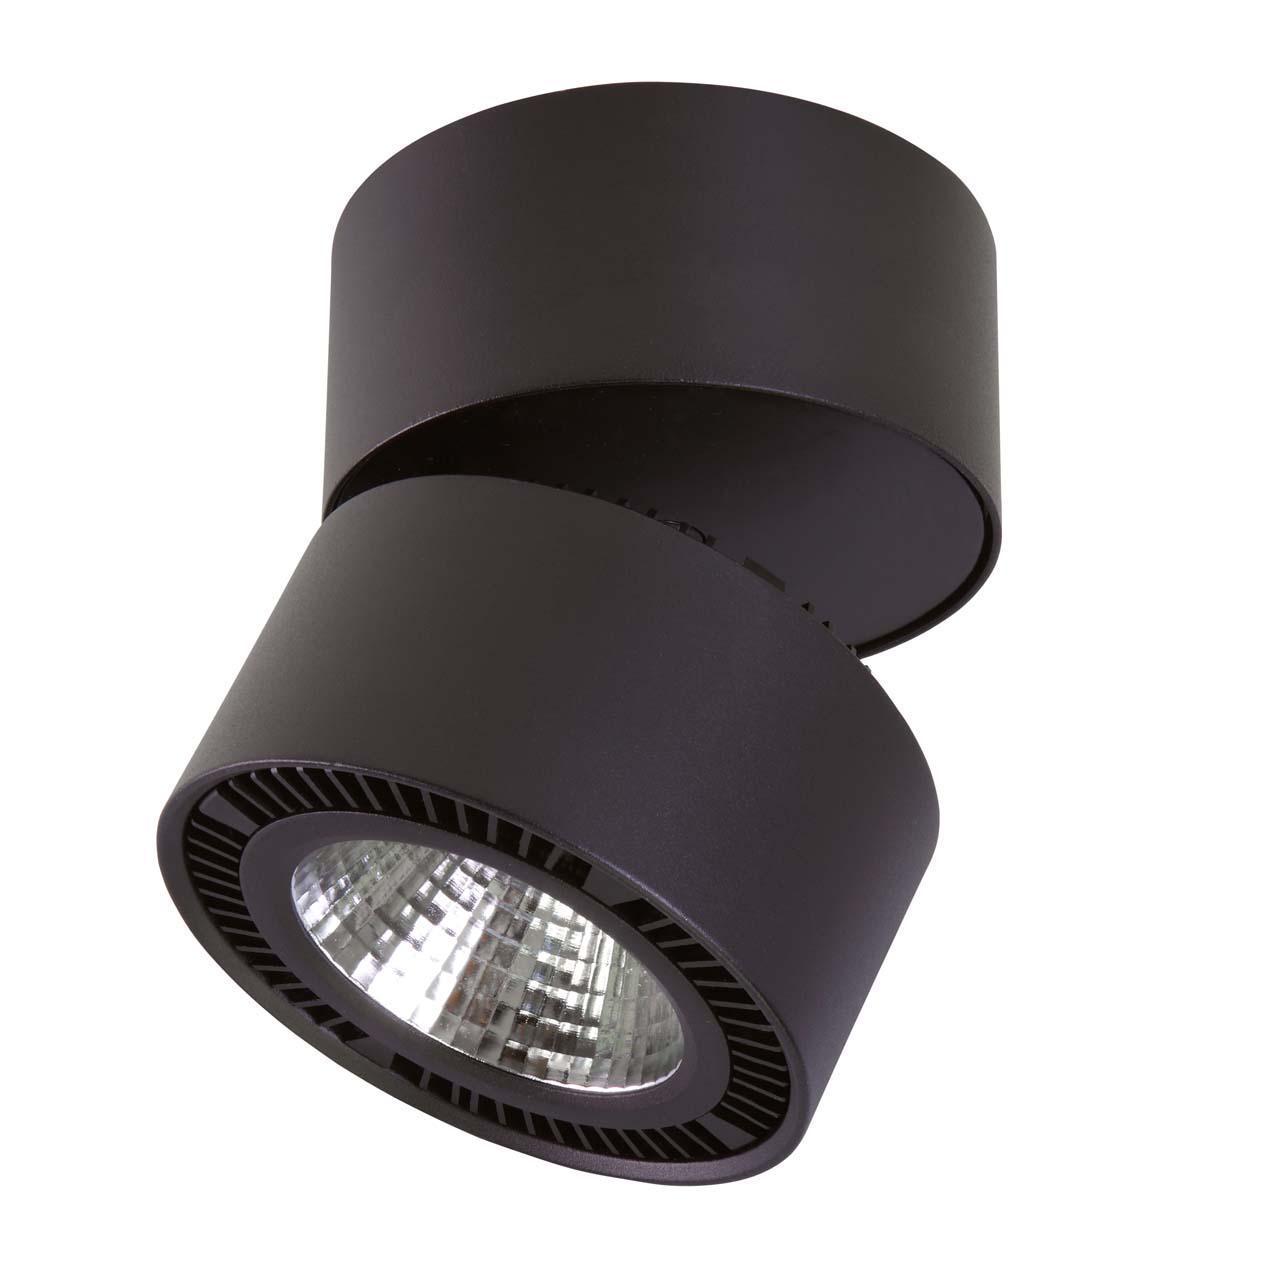 Потолочный светодиодный светильник Lightstar Forte Muro 214837 потолочный светодиодный светильник lightstar forte muro 214839